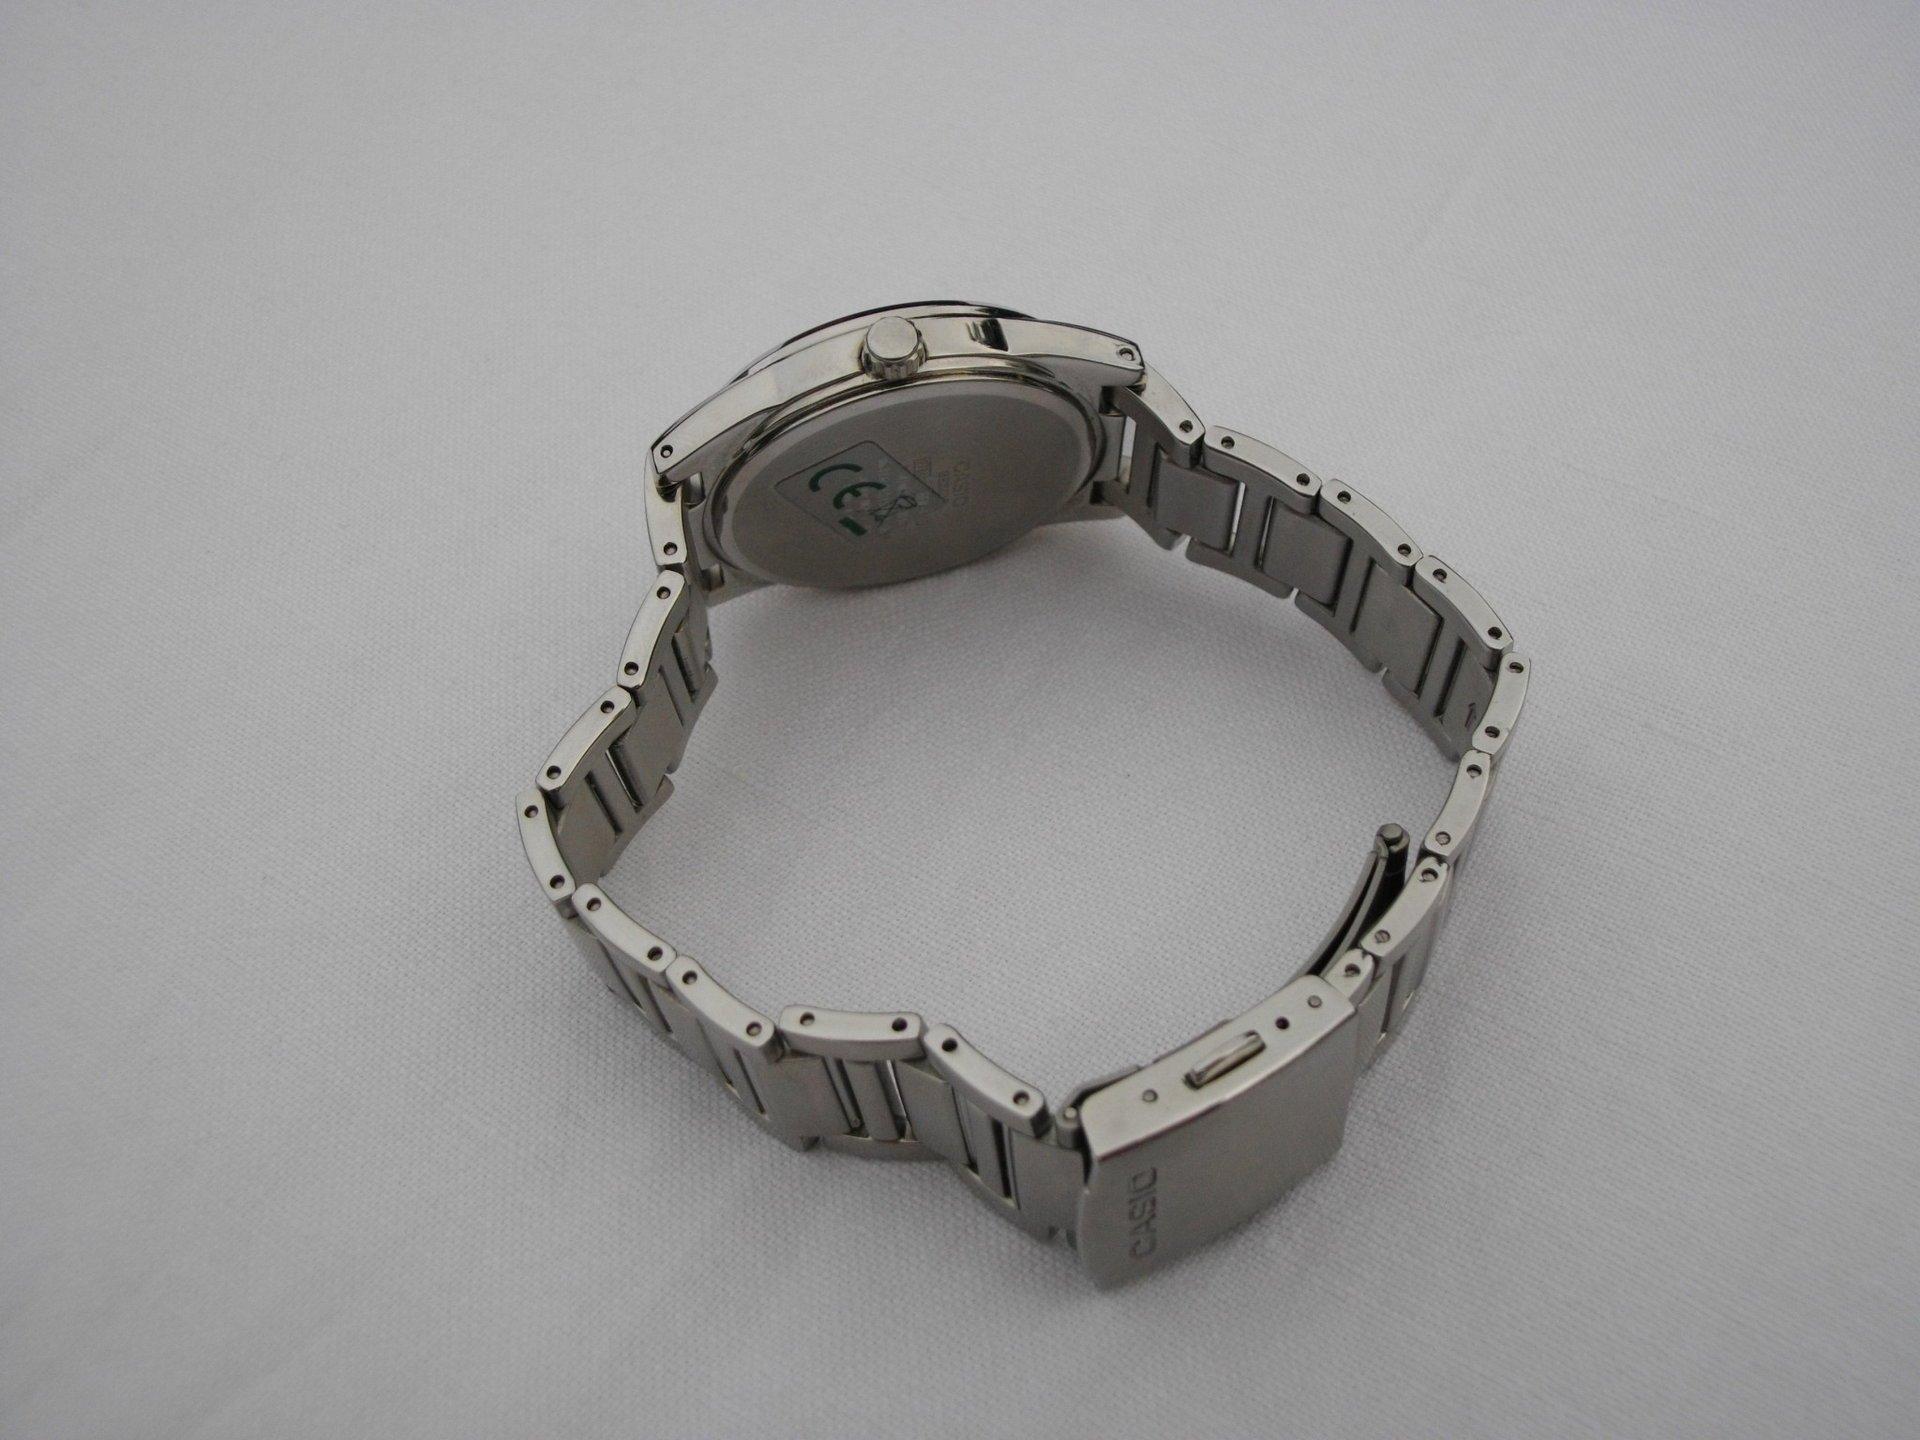 Годинник CASIO BEM-111D-1AVEF Купити годинник Касіо BEM111D1AVEF в ... d47905e83ba03